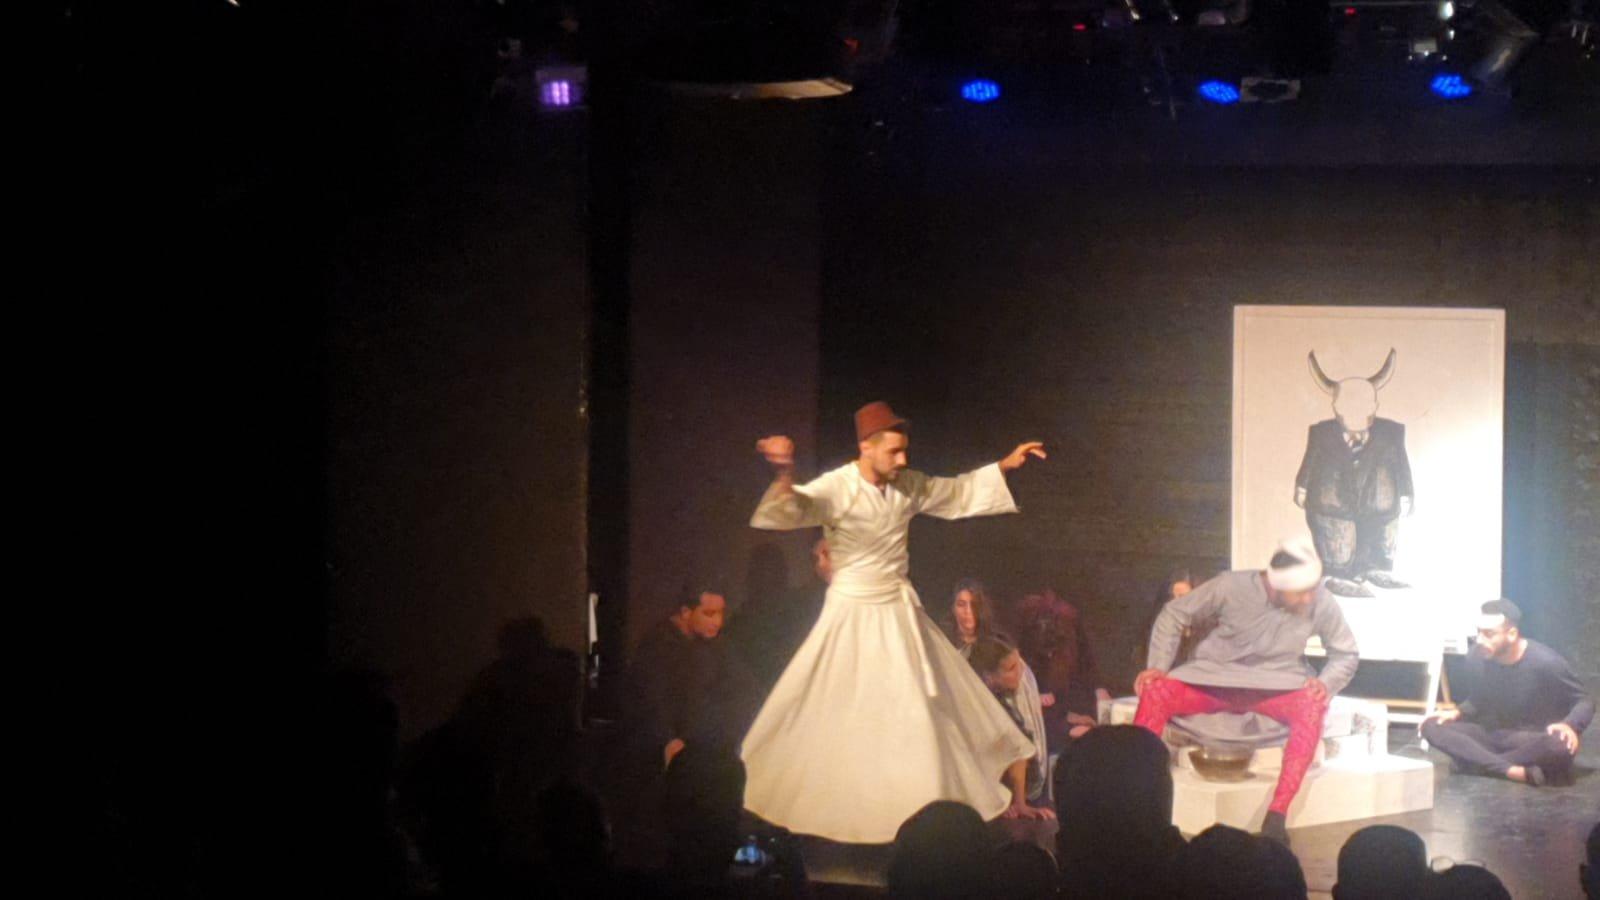 أكاديمية فرينج الناصرة تحتفل هذا الأسبوع بتخريج الفوج الثاني من طلاب فرع التمثيل الجدد وعرض مسرحيتهم الأولى-0